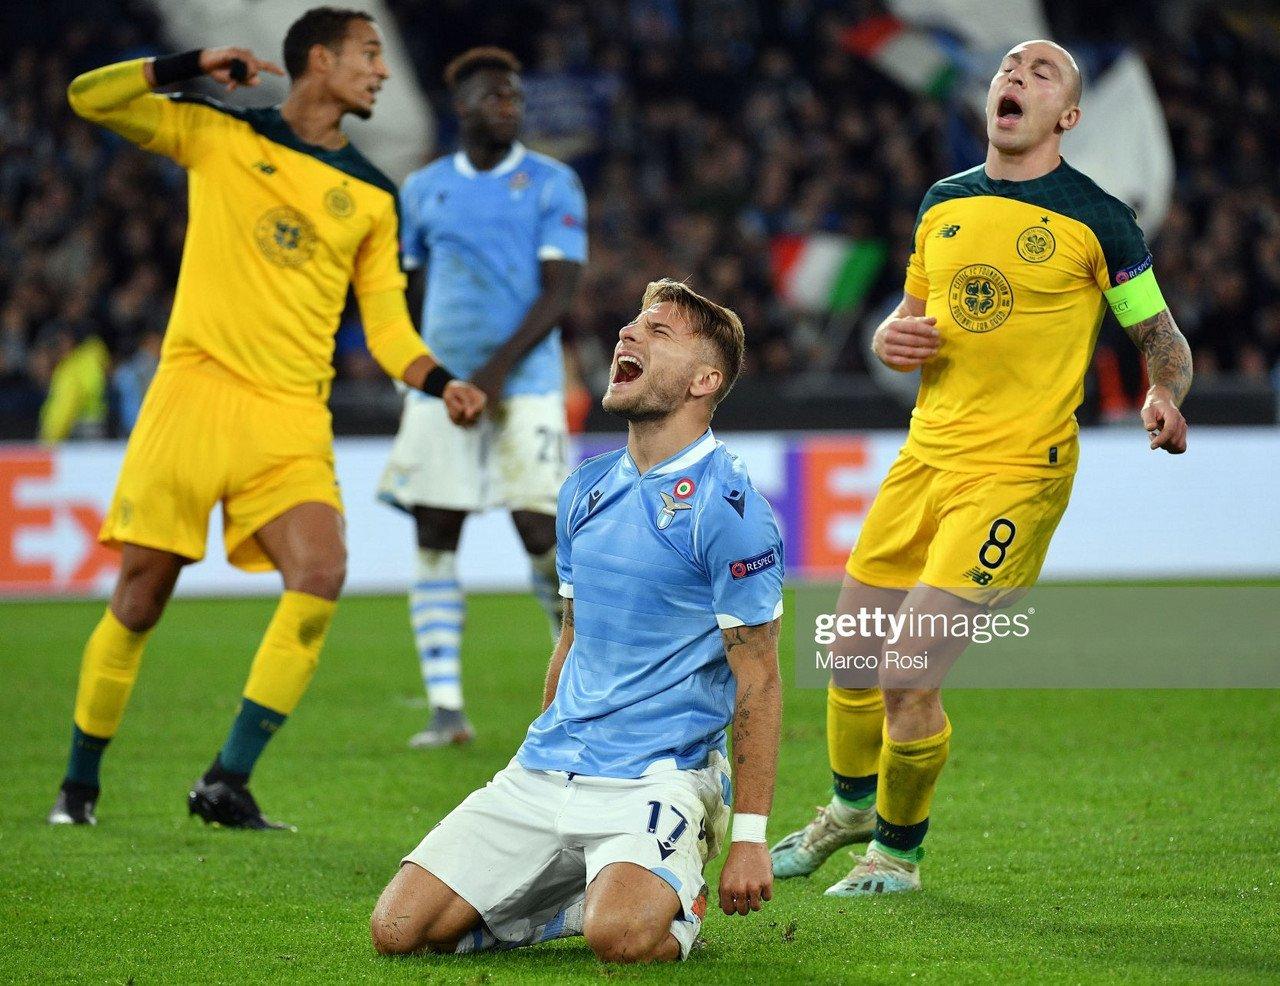 Lazio 1-2 Celtic: Lazio lose a heartbreaker at the Stadio Olimpico